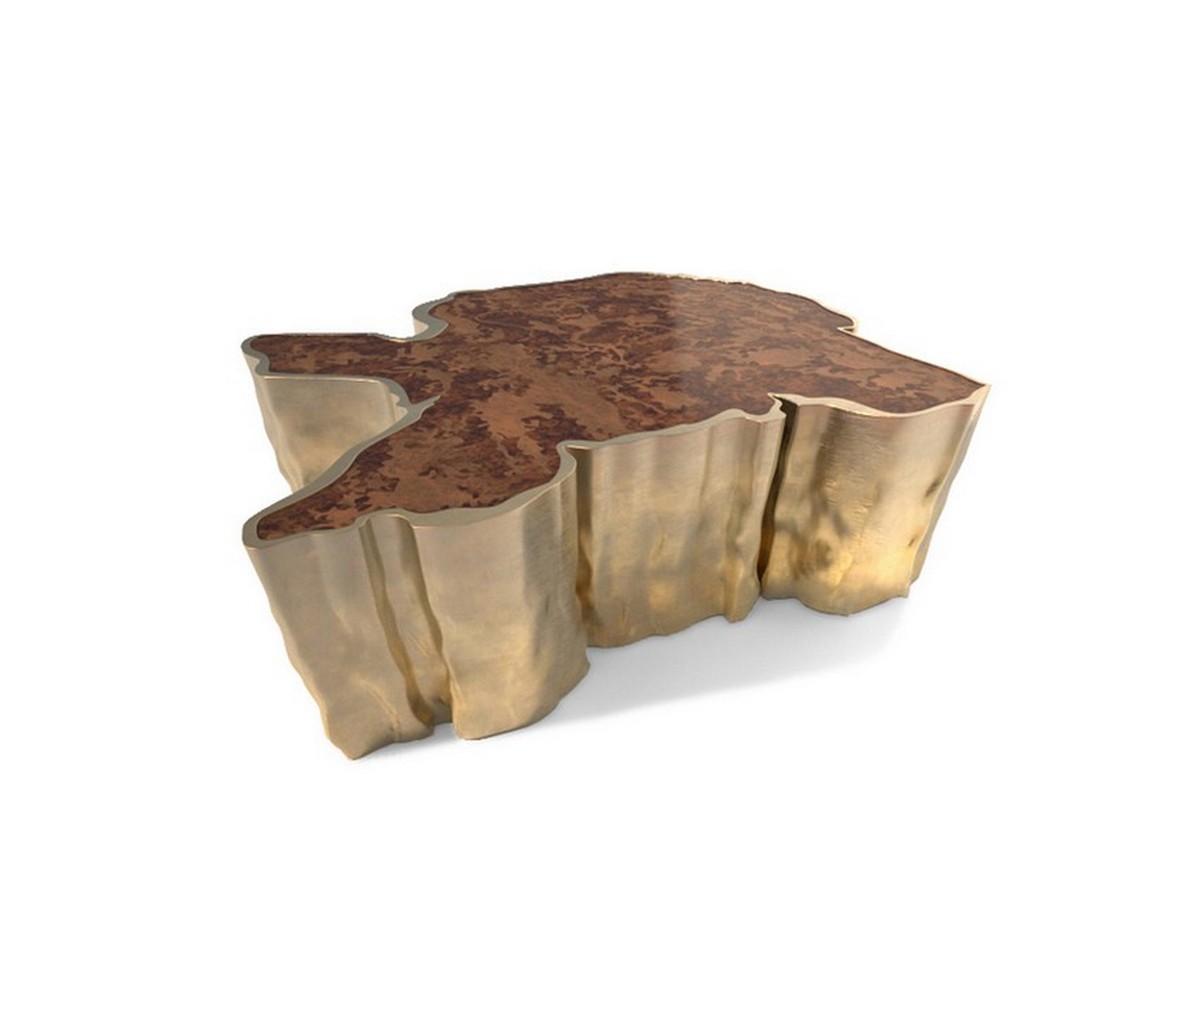 Diseños de Interiores inspirados en Naturaleza: ideas para cambiar un proyecto diseño de interiores Diseño de Interiores inspirados en Naturaleza: ideas para cambiar un proyecto sequoia center table b